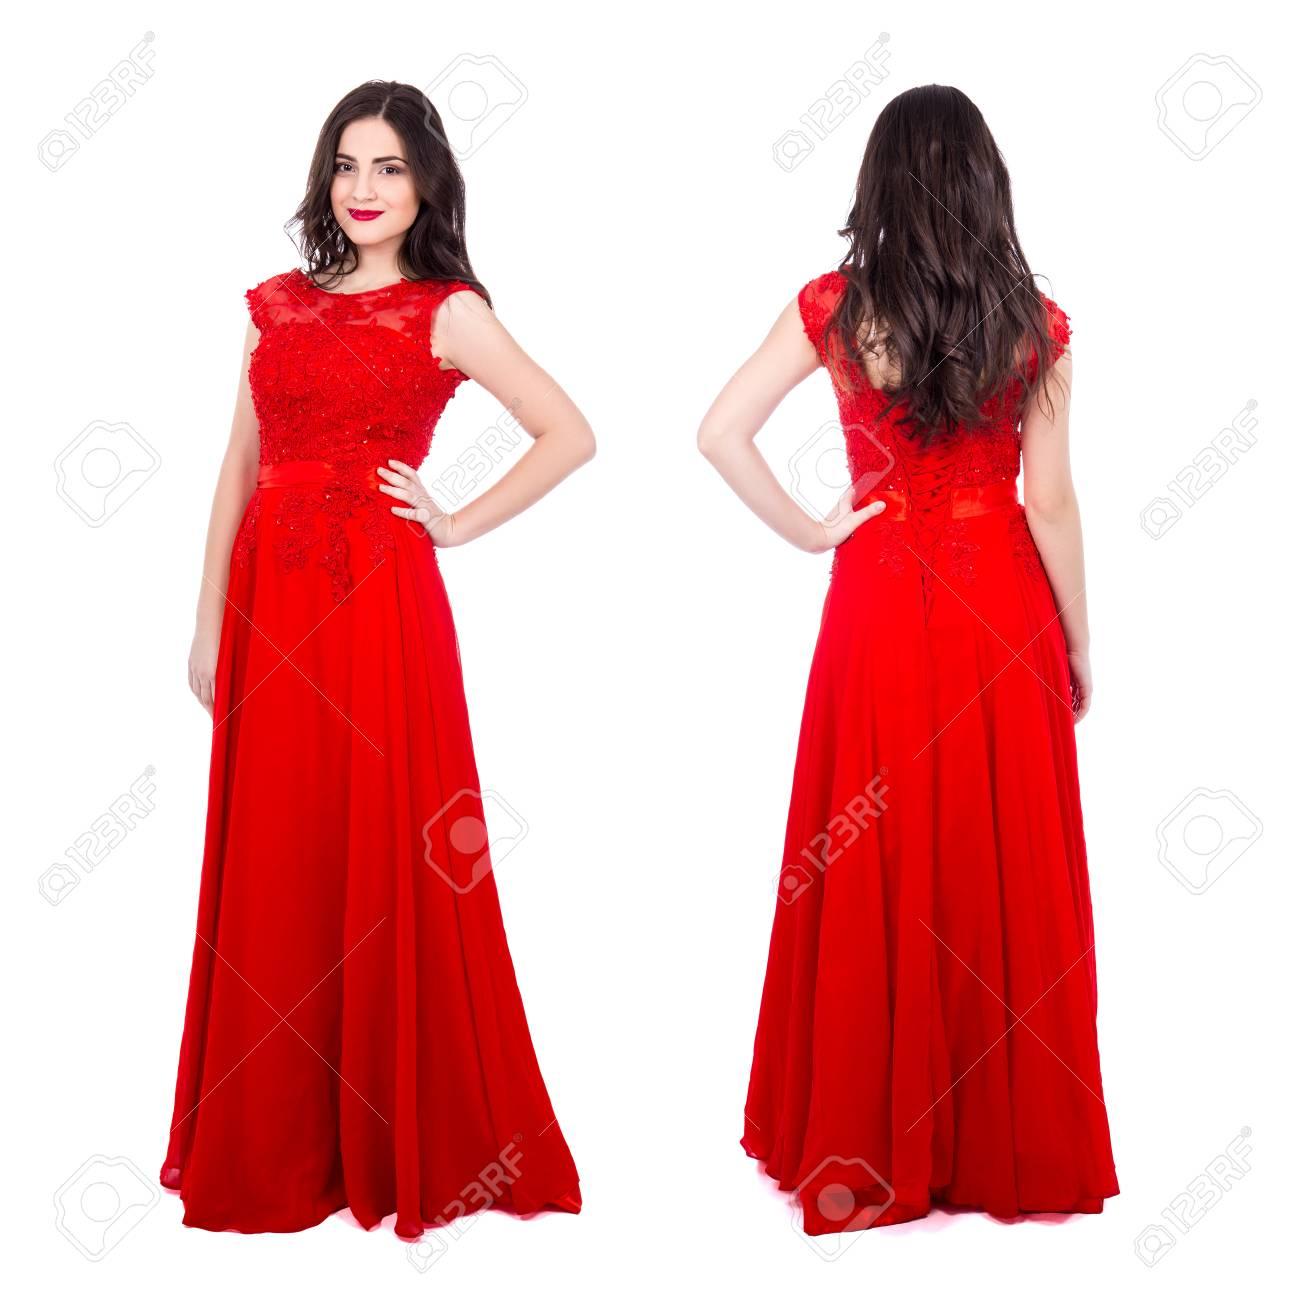 Mooie Rode Jurk.Voor En Achterkant Weergave Van Jonge Mooie Vrouw In Rode Jurk